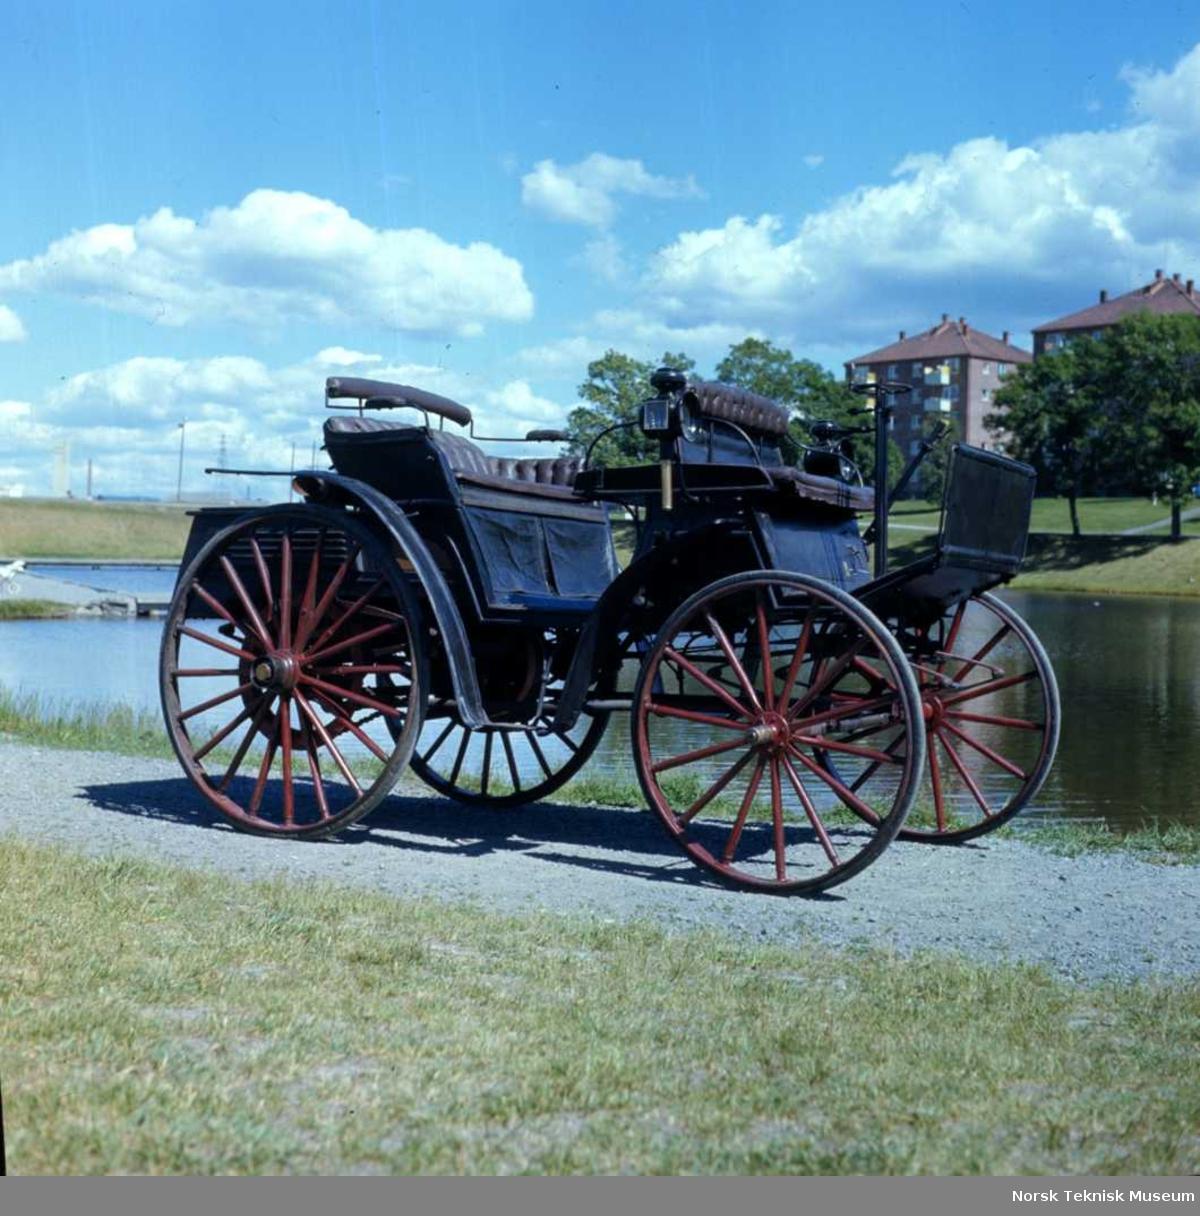 """Utstillingstekst basert på Lindtveit:  I 1895, snaut ti år etter at den første brukbare bil med forbrenningsmotor var laget, var det noen som fant ut at en slik kanskje nettopp ville være noe for vårt land med de lange avstandene.  Jernbanenettet var på denne tiden ganske godt utbygd, men det var likevel mange steder der det neppe noen gang ville komme noen jernbane. Og jernbanen oppover vårt viktigste dalføre, Gudbrandsdalen var ikke kommet lenger enn til Tretten. Det ville derfor passe fint å fortsette med automobil derfra og til Åndalsnes (Veblungsnes). Herrene som satte i gang dette modige foretakende var Brukseier Østbye ved Gjøvik Støberi og mekaniske Værksted, handelsreisende H. Mølmen, fabrikkeier H.C.Hansen og ingeniør S.R.Svendsen. Det var de to sistnevnte herrer som fikk i oppdrag å dra nedover i Europa for å finne en passende motorvogn. Den 14. november 1895 meddelte avisen """"Social-Demokraten"""" sine lesere at """"petroleumsvogner"""" var ført inn i landet. Den 4.  januar 1896 var vognen på plass på Gjøvik. Avisen """"Samhold"""" meldte at vognen fortsatt stod i en kasse, men at nysgjerrige hadde slått et hull i kassen for å ta en kikk på """"raringen"""". Det ble på våren i 1896 foretatt en del prøveturer omkring Gjøvik, og det ser ut til at det har vært visse vanskeligheter. Den 16. mai 1896 uttaler i nemlig eierne at det fremdeles var en del ting å rette på før vognen kunne settes i fast drift. I løpet av sommeren 1896 ble vognen om sider satt i drift på noen prøveruter i Gudbrandsdalen. Det sies at den kom i fast rute mellom Tretten og Ringebu. Det ble imidlertid ikke noen suksess. Det fortelles at det stadig vekk var kluss med motoren. Det kom vel delvis av at det ikke var noen som visste hvordan den skulle passes. (Erfaringer fra prøvekjøring ved Norsk Teknisk Museum har også vist at motoren er vanskelig å drive og vedlikeholde.) Bilen ble kjørt av Halvdan Nilsen fra Gjøvik. Folks begeistring kjølnet nok etter hvert. Bilen skremte hestene, og den måtte stadig stoppe p"""